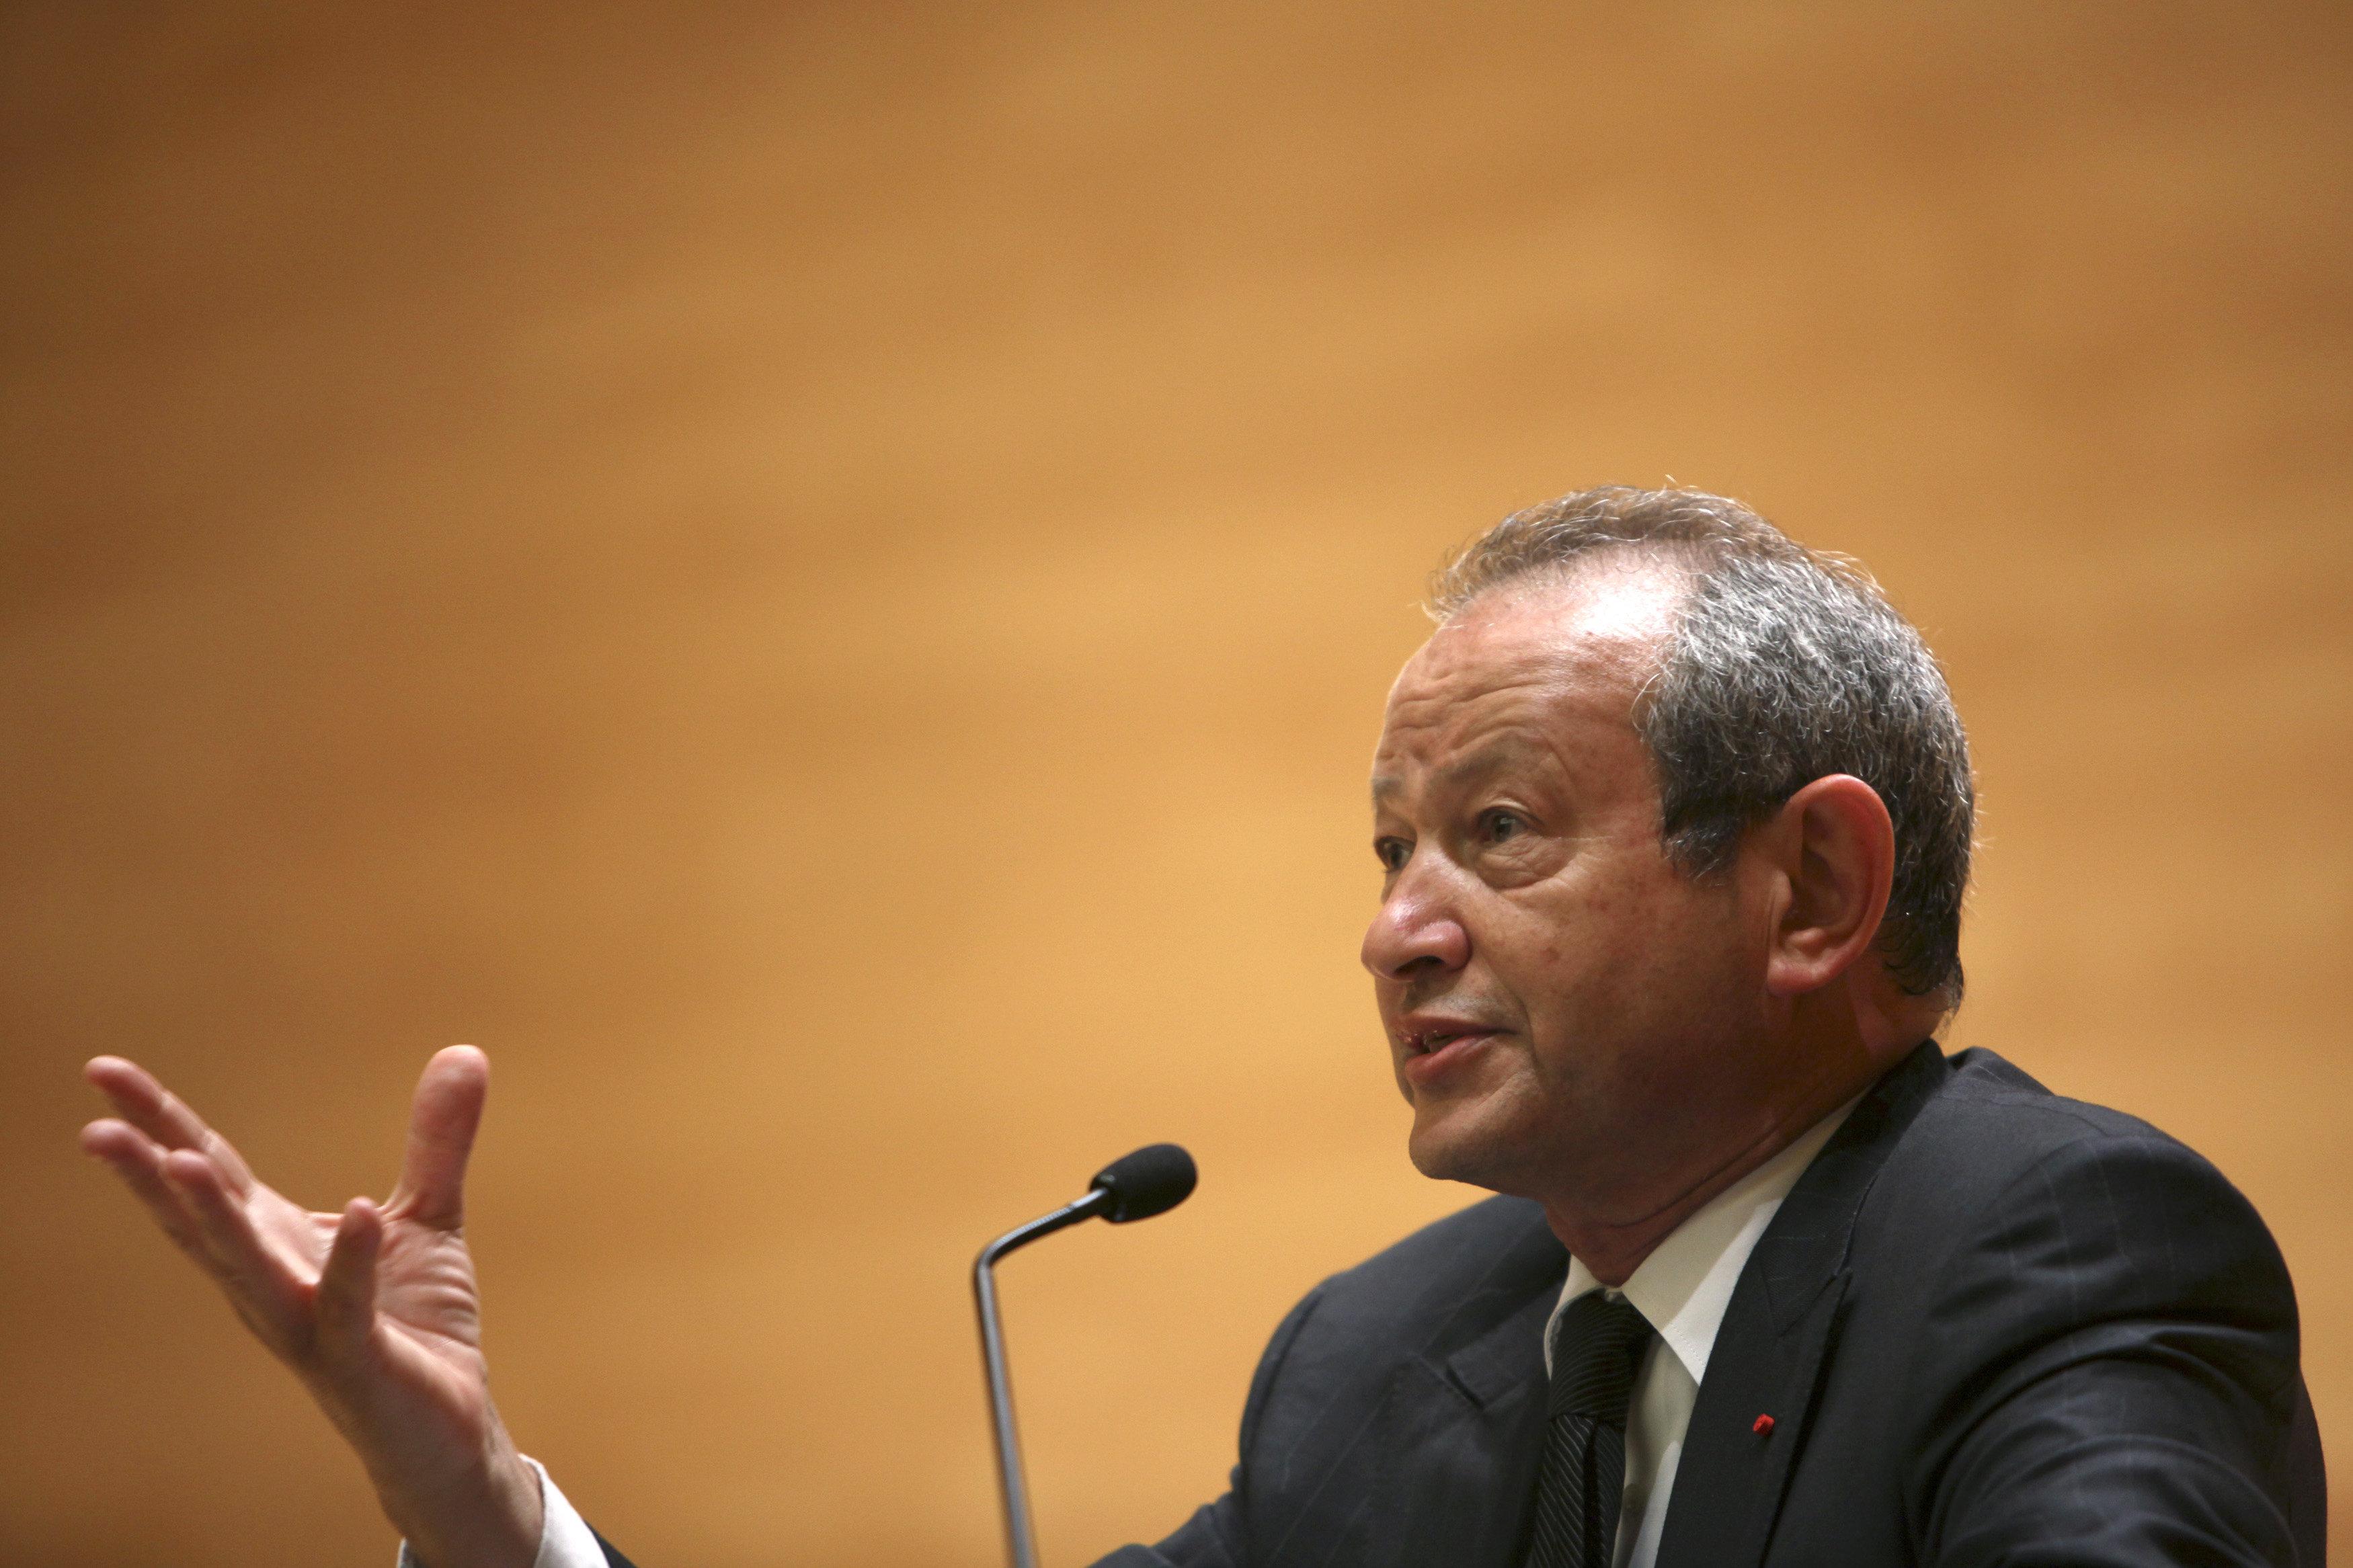 Présent au Gabès Film Festival, le milliardaire égyptien Naguib Sawiris se livre au HuffPost